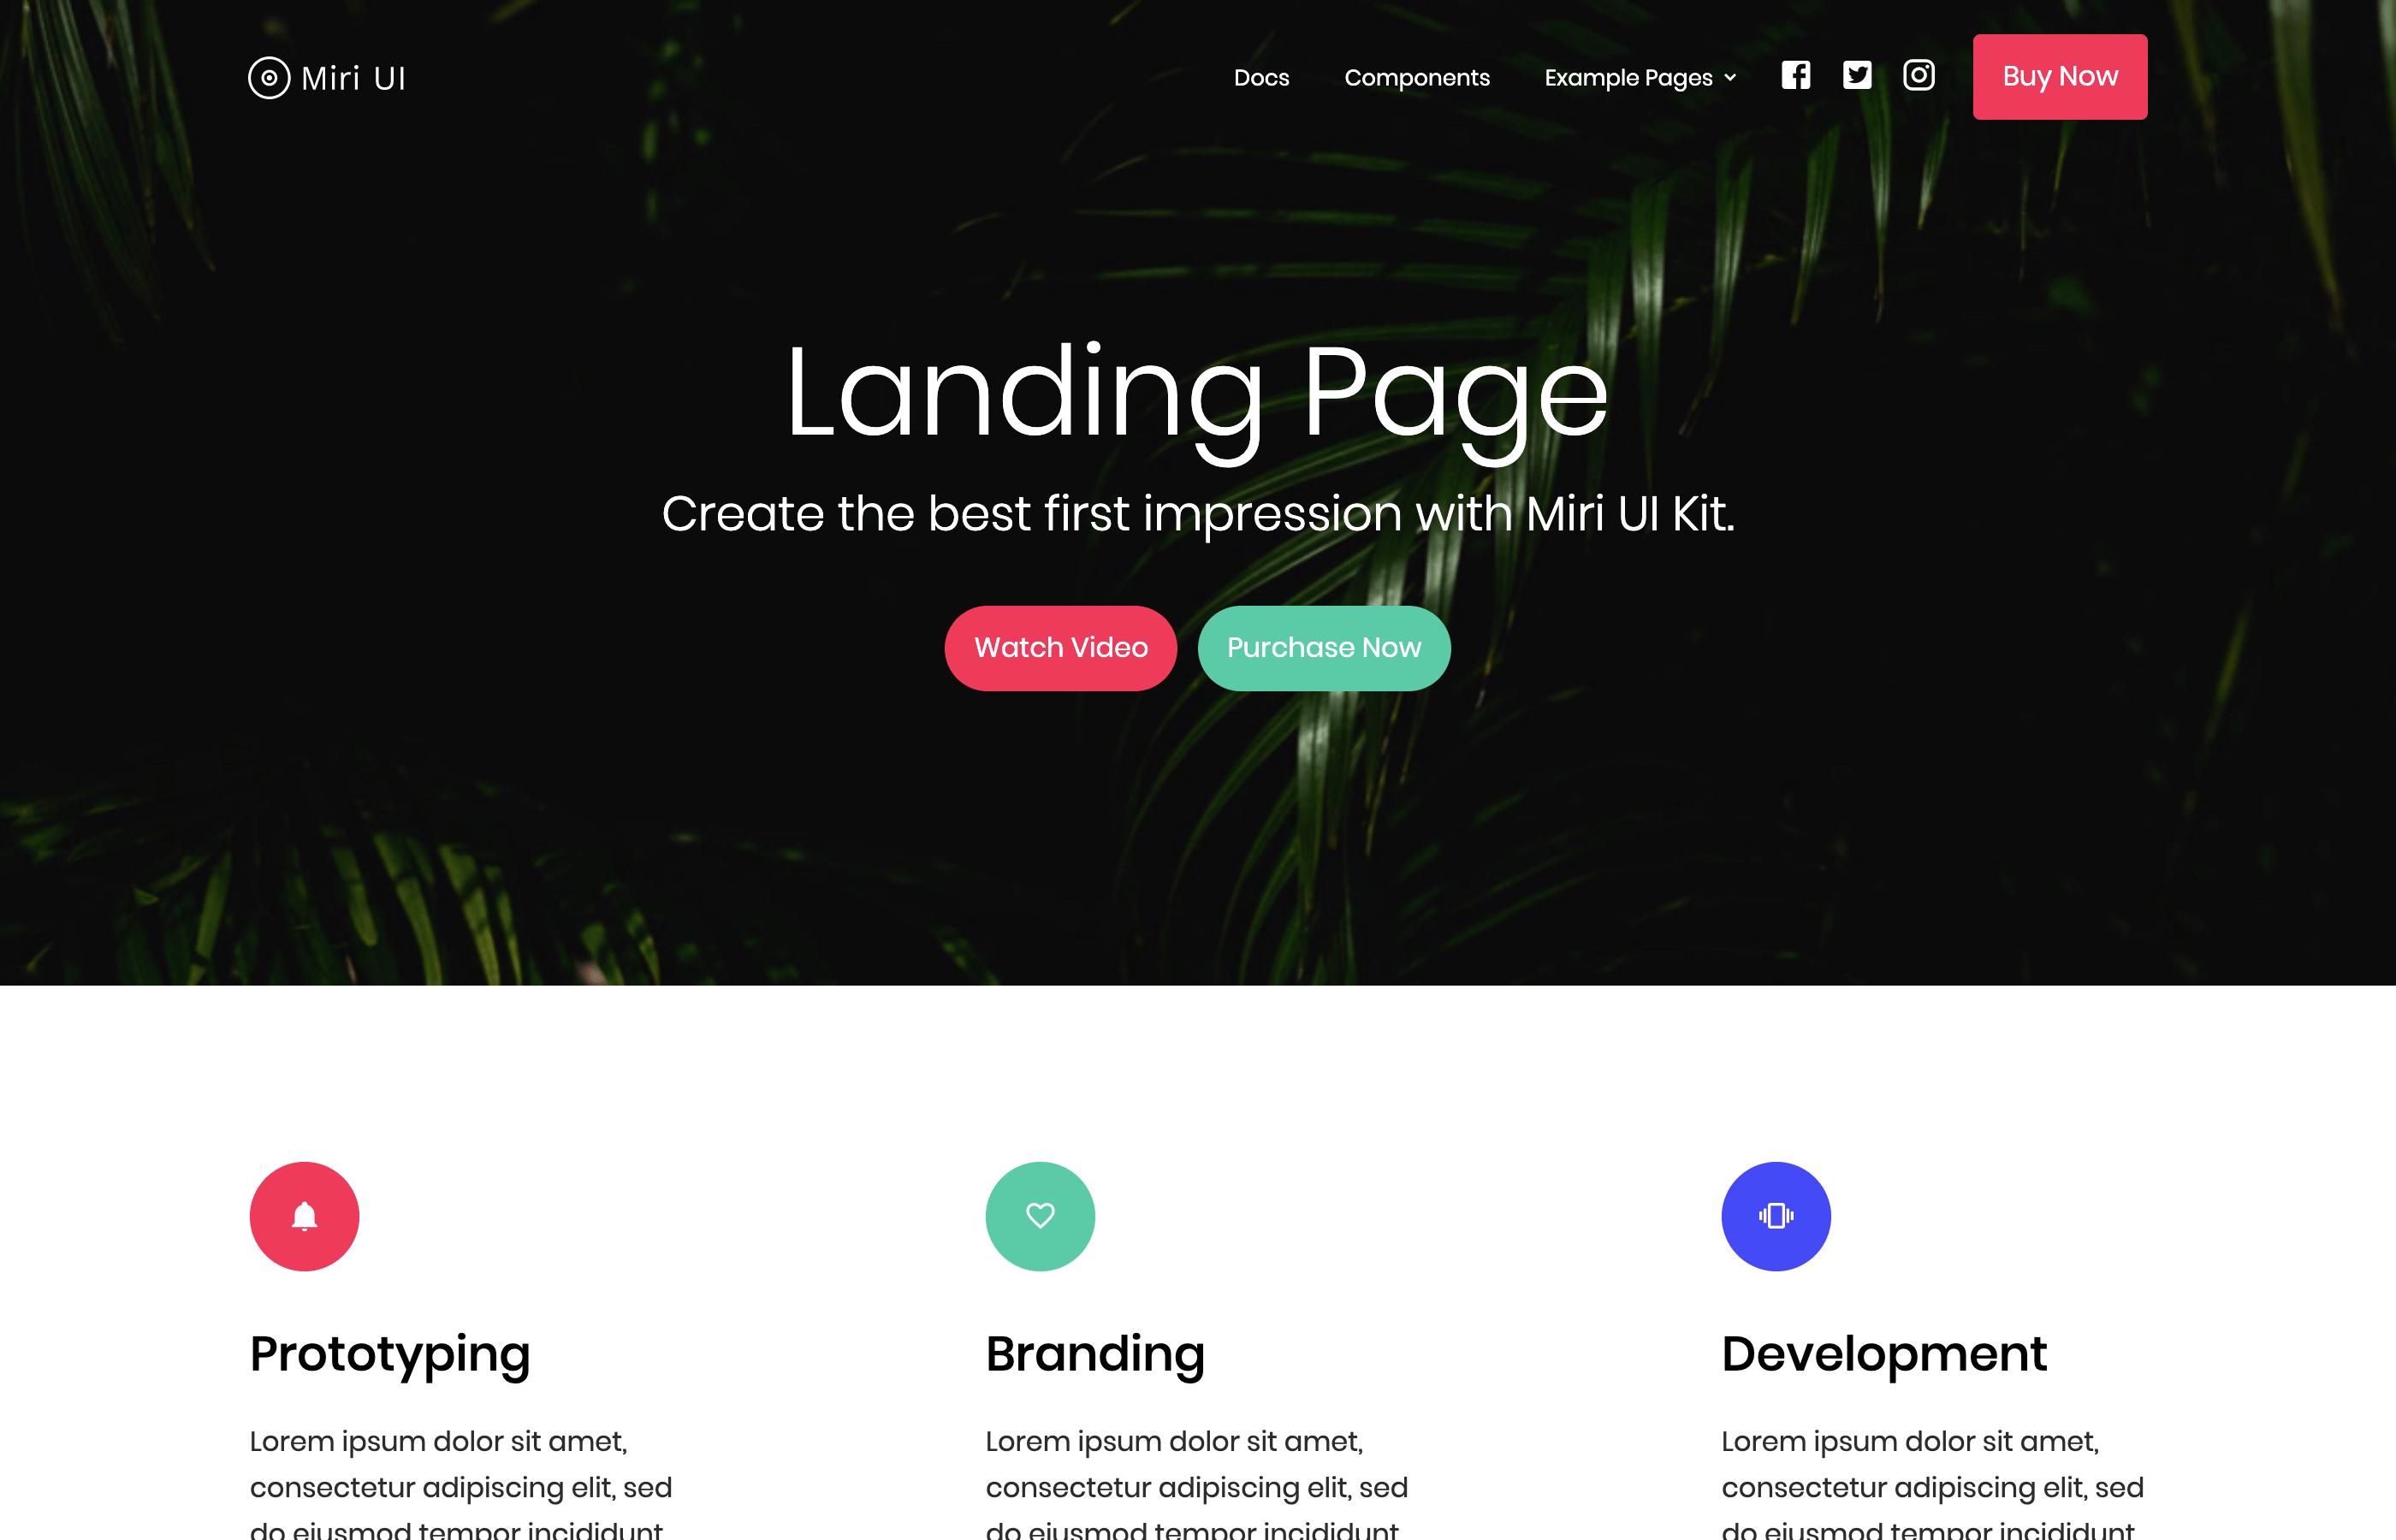 miri ui kit landing page